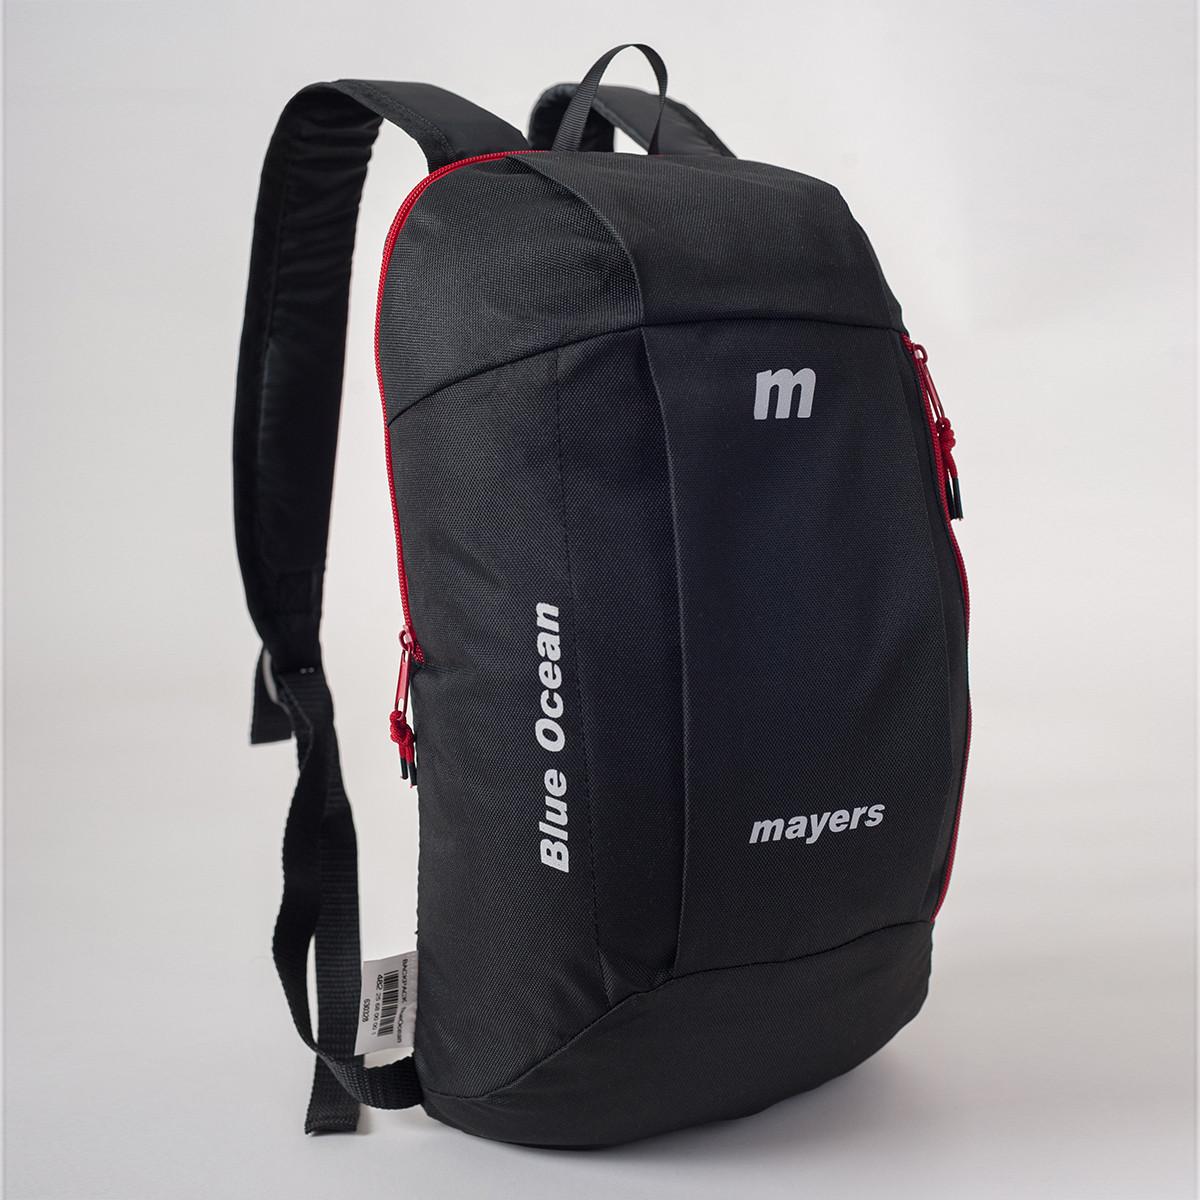 Спортивный рюкзак MAYERS 10L, черный / красная молния, фото 2